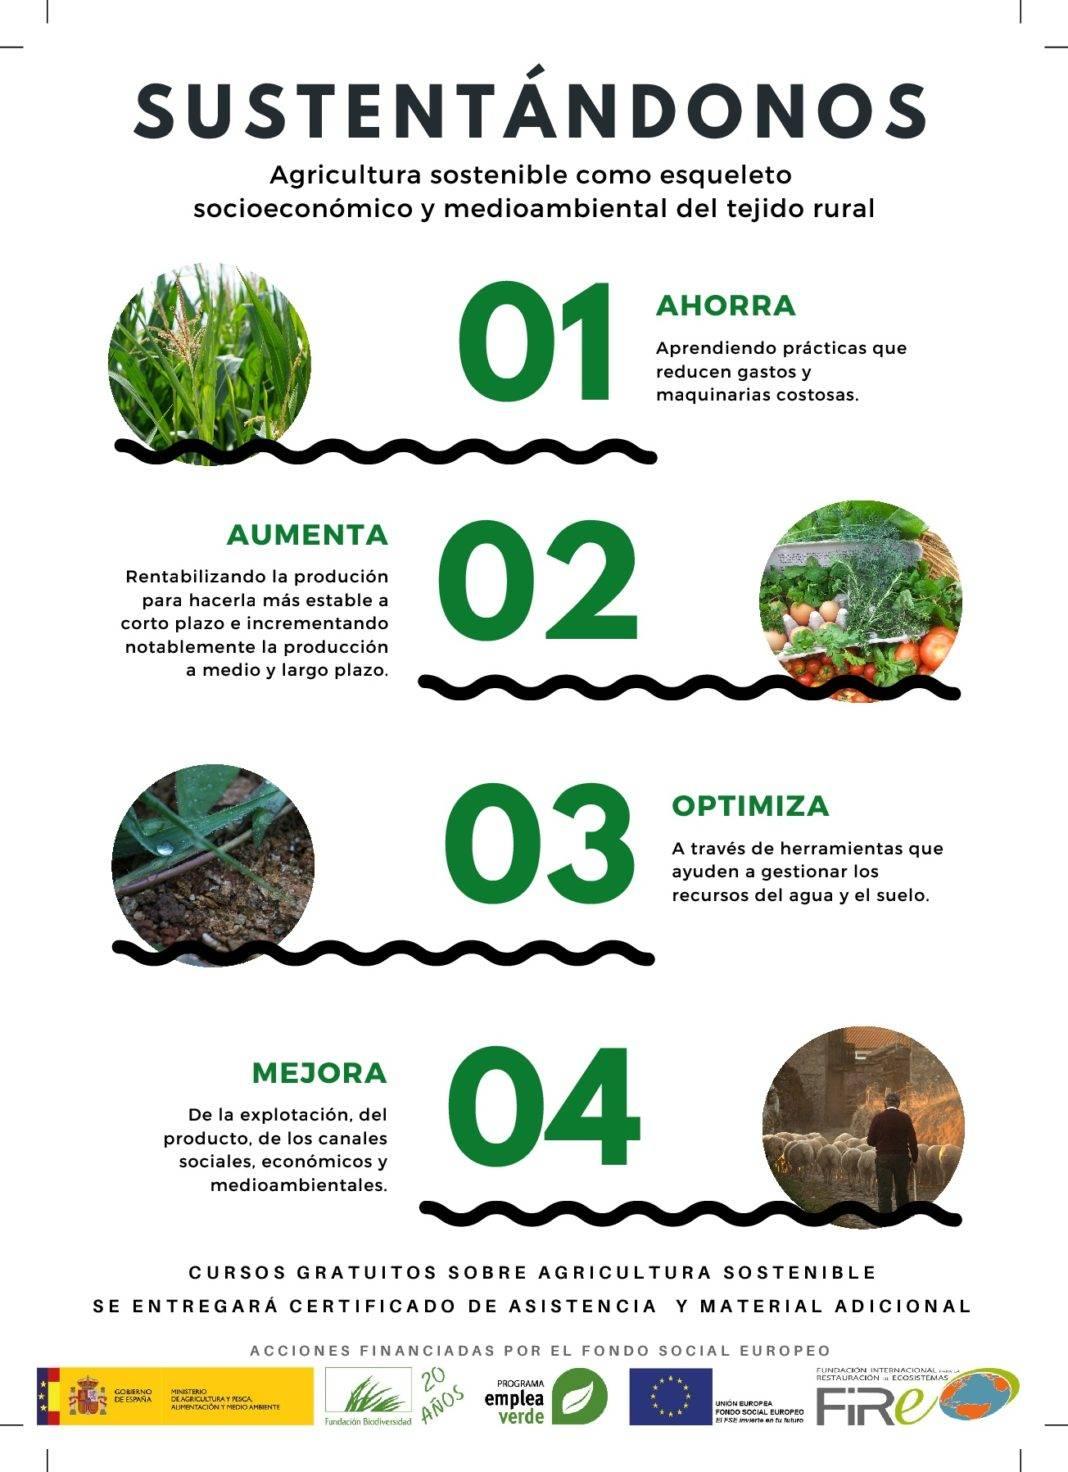 Cursos gratuitos sobre agricultura sostenible en Herencia 10